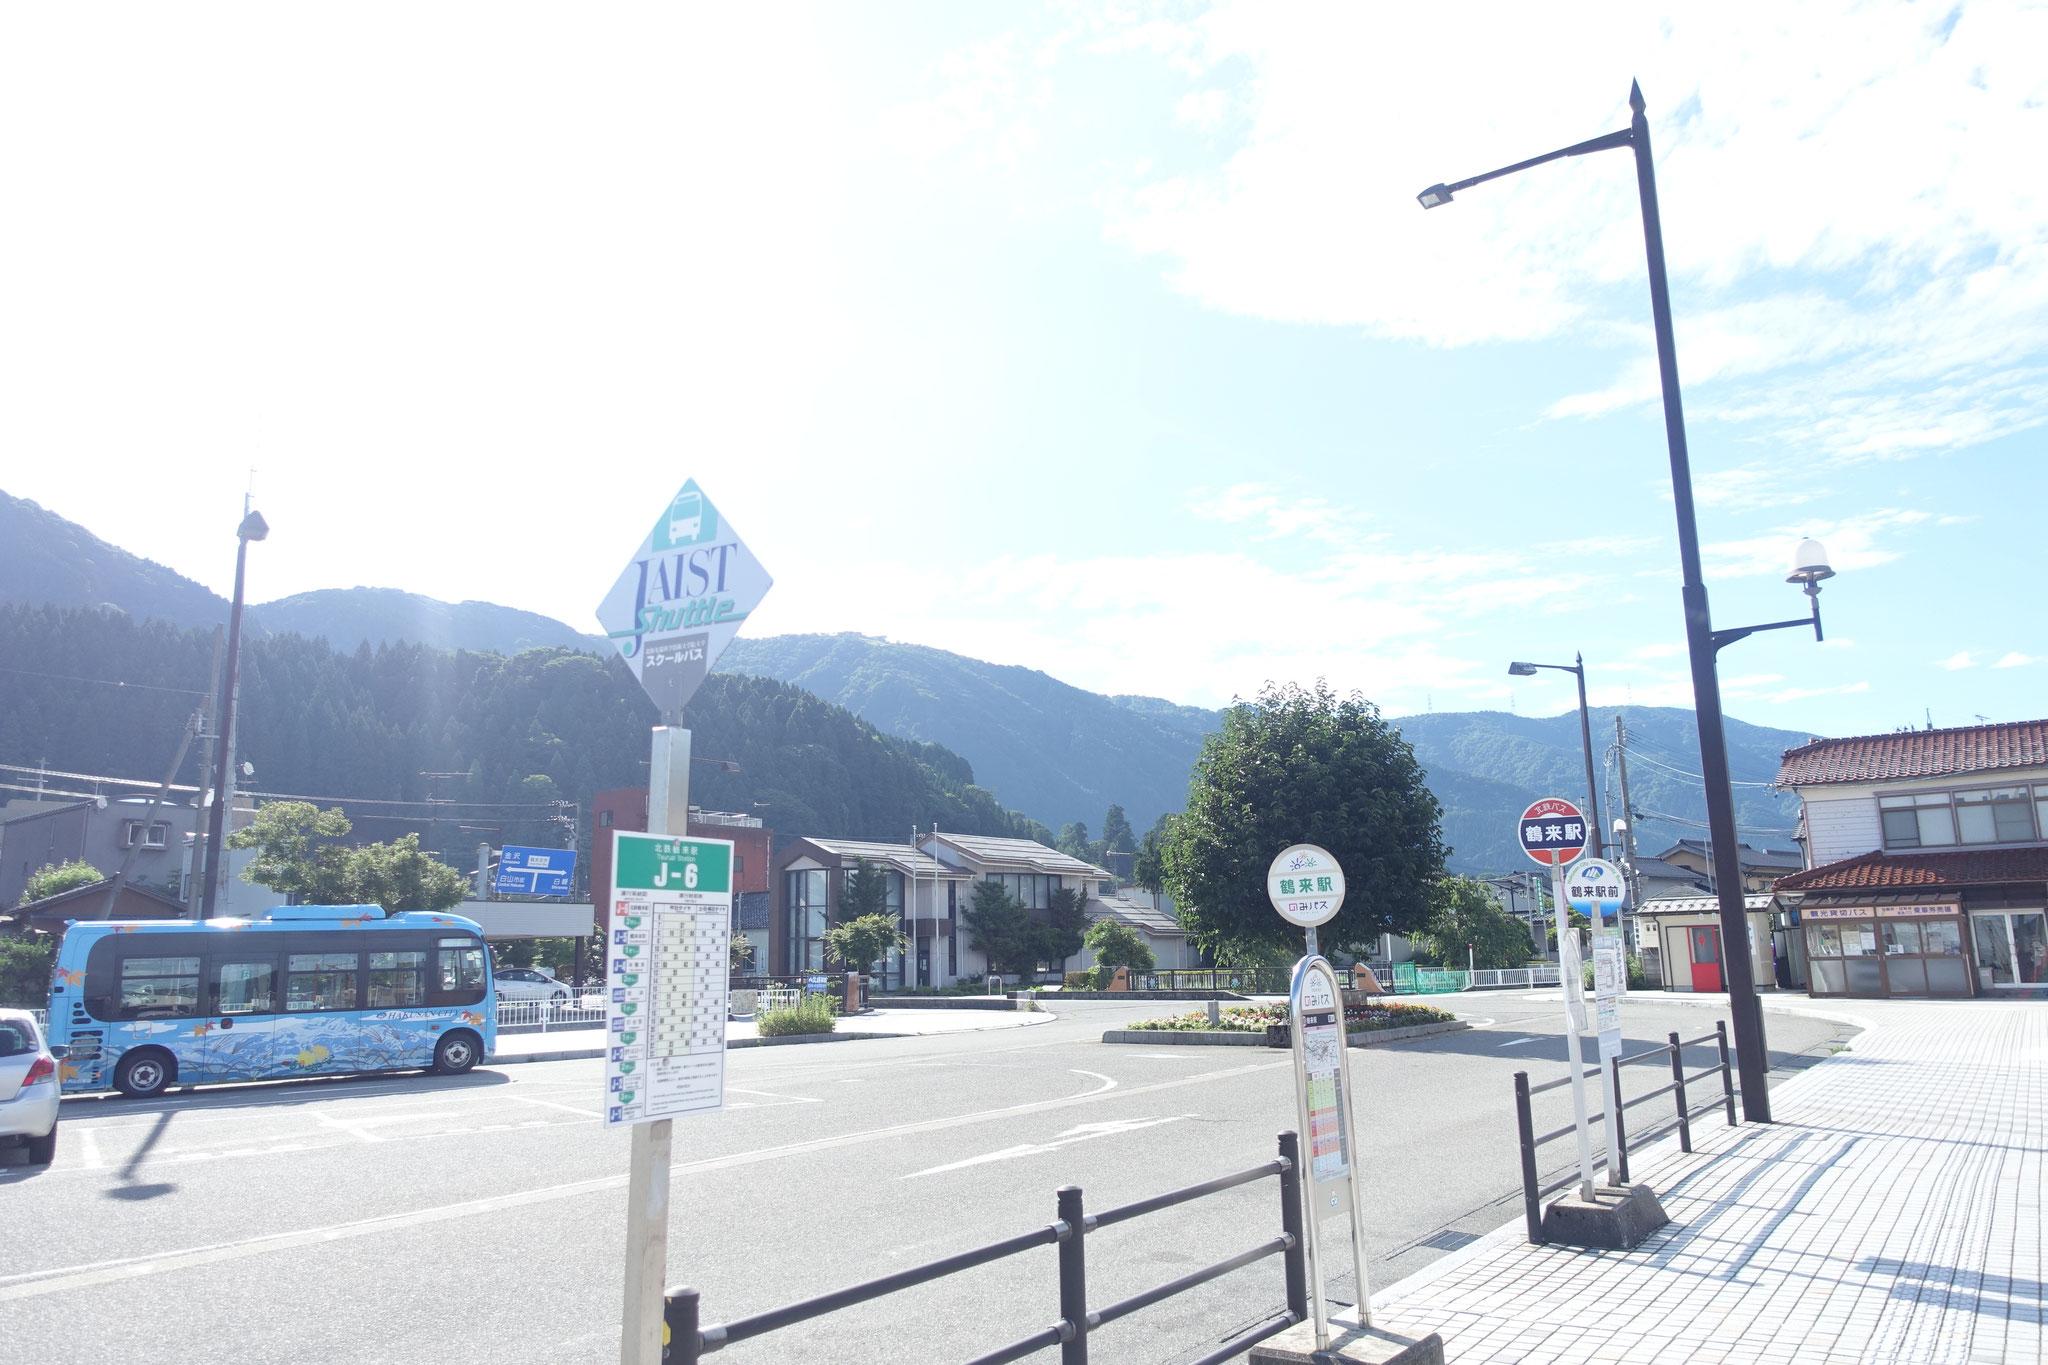 北陸鉄道 鶴来駅JAISTバス停からの景色